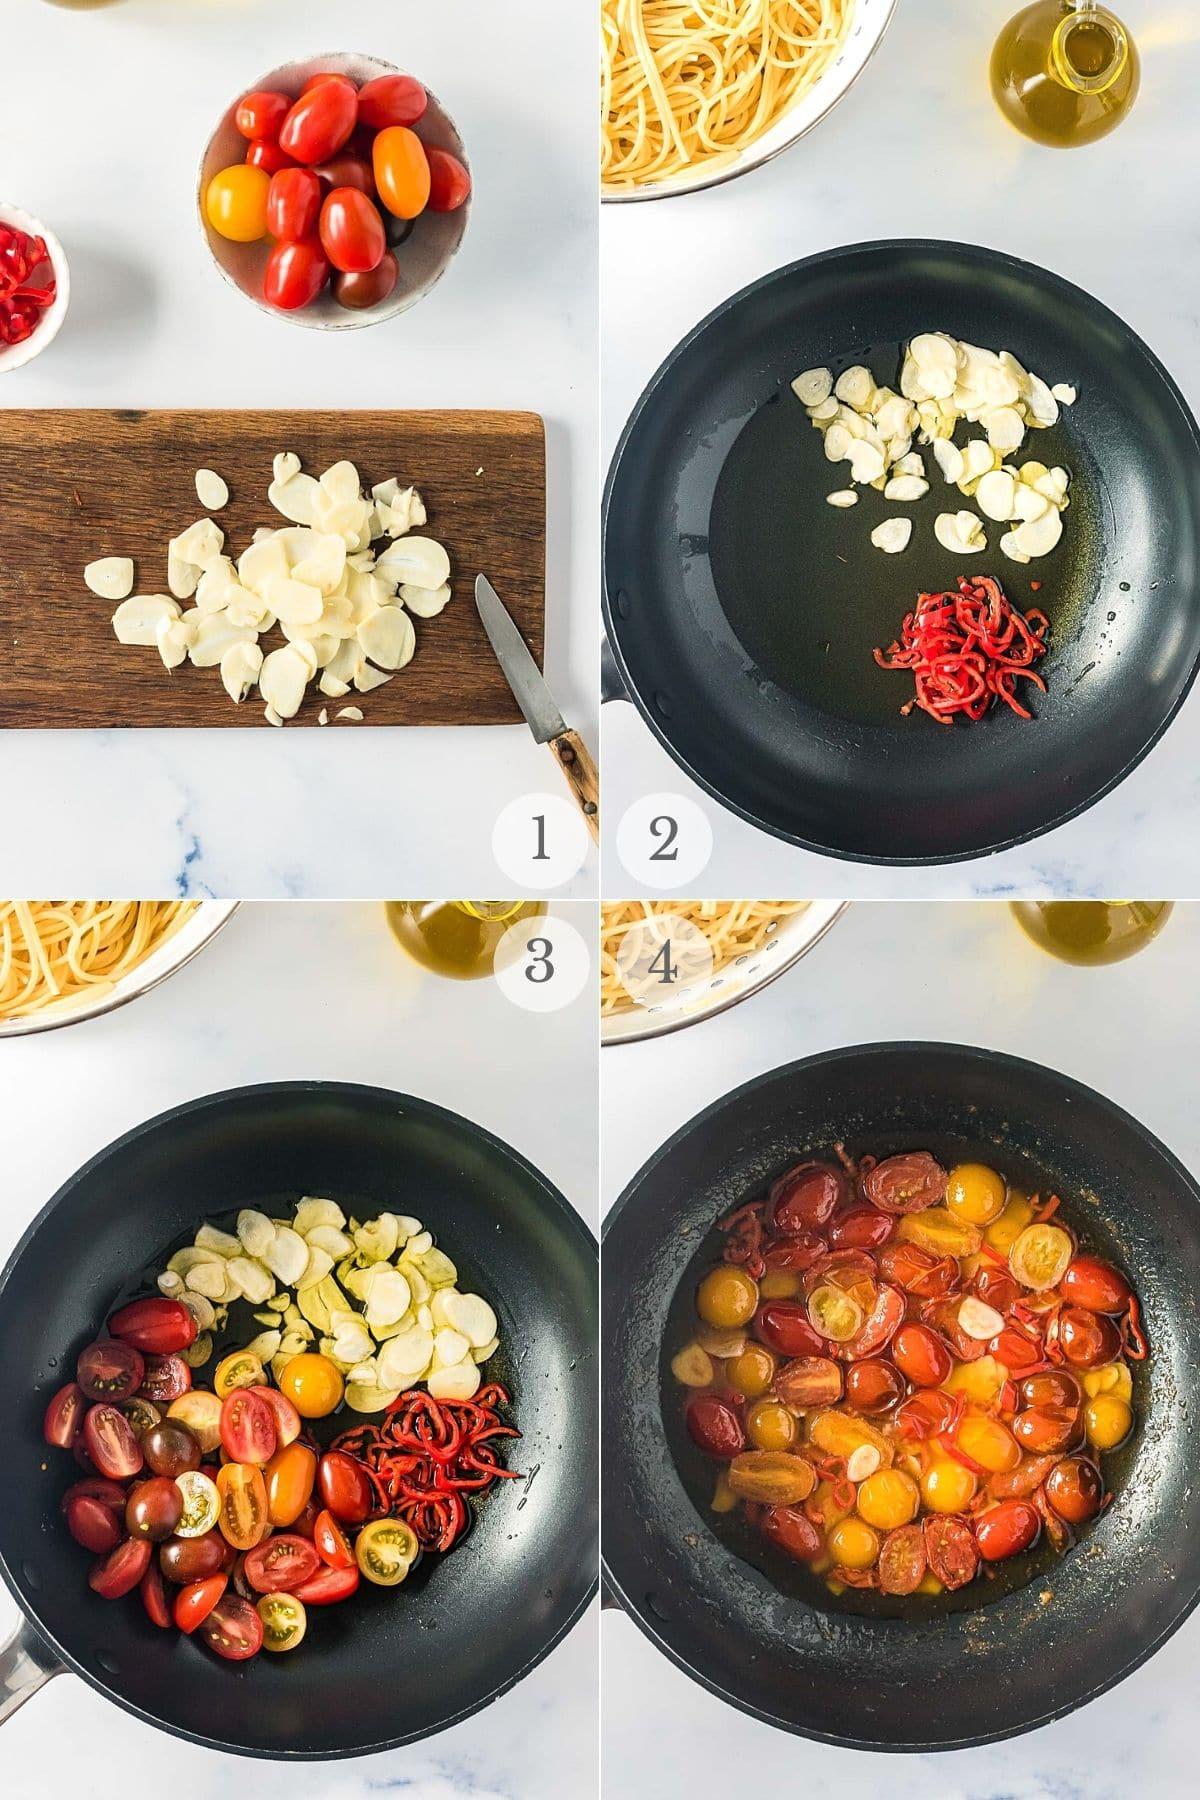 Spaghetti Aglio e Olio recipe steps 1-4